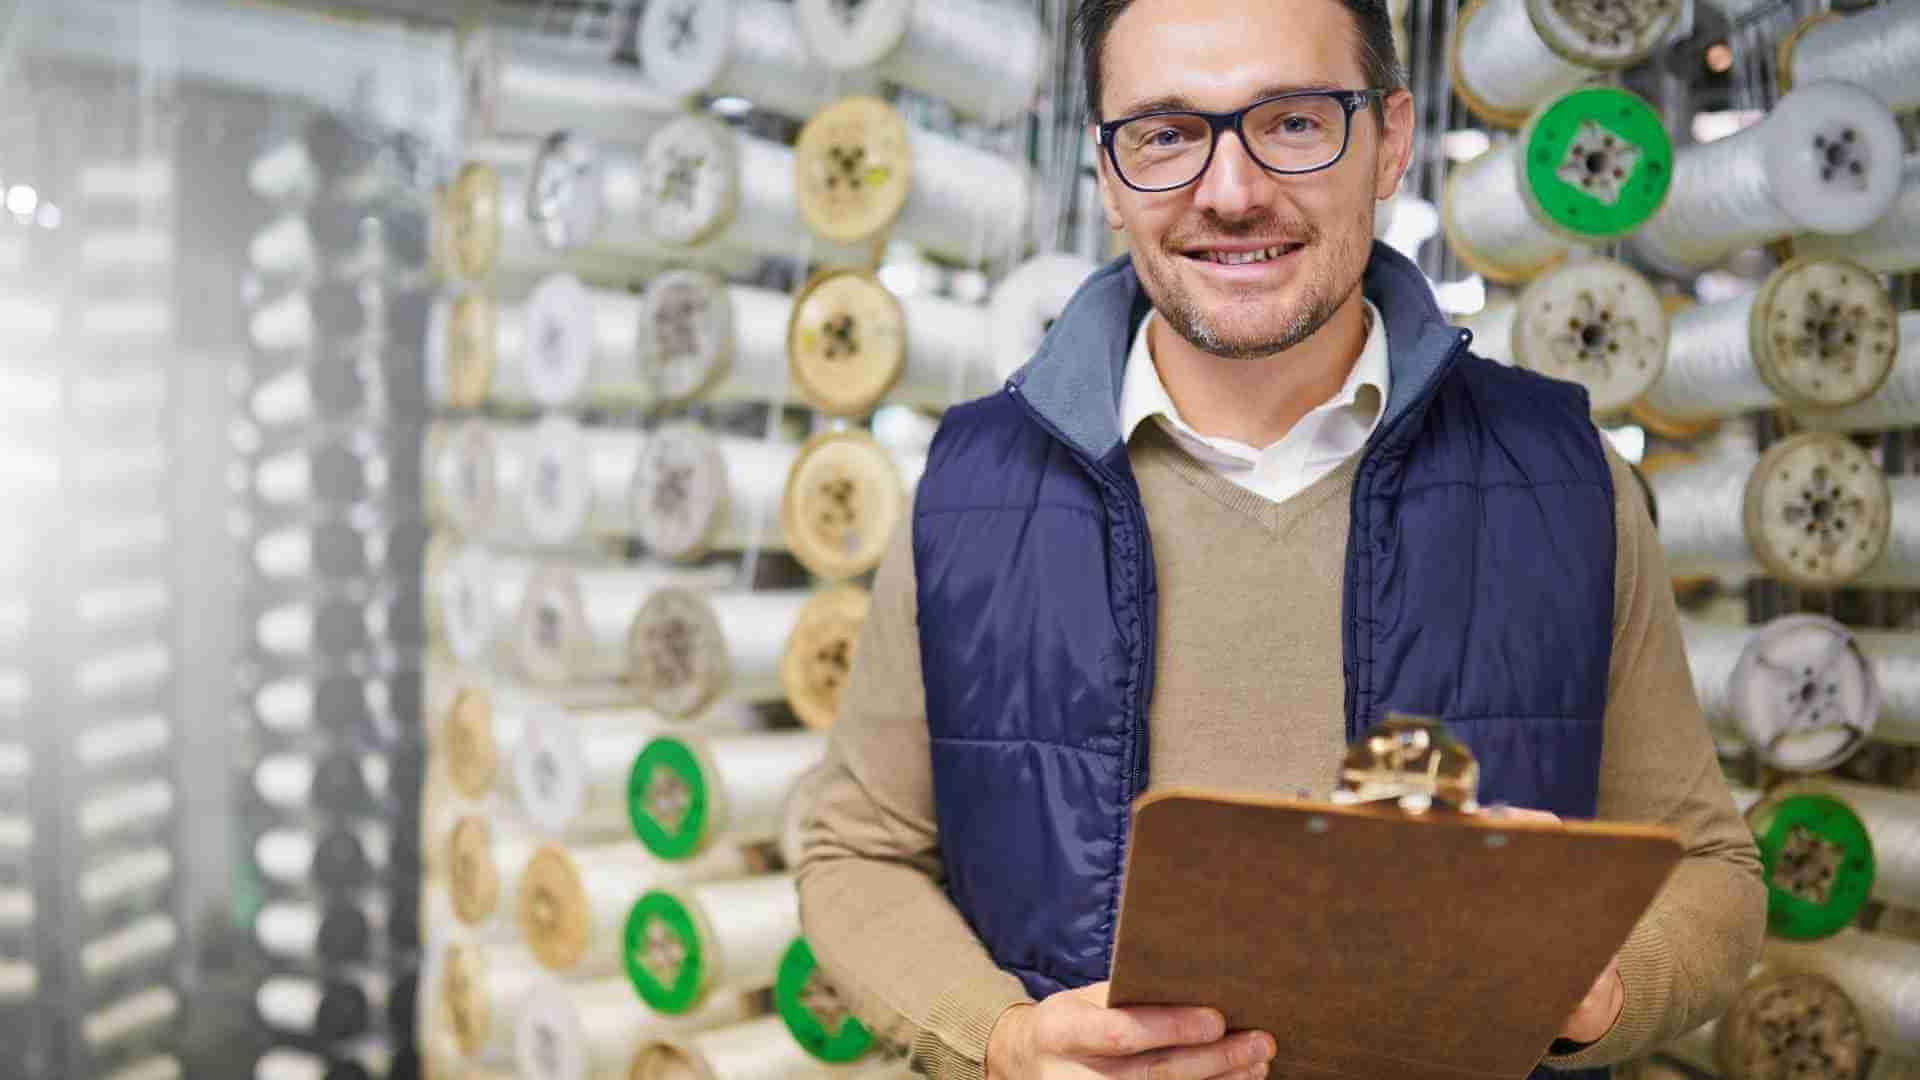 Mantenga Niveles óptimos de inventario con Acumatica ERP y ClandBus